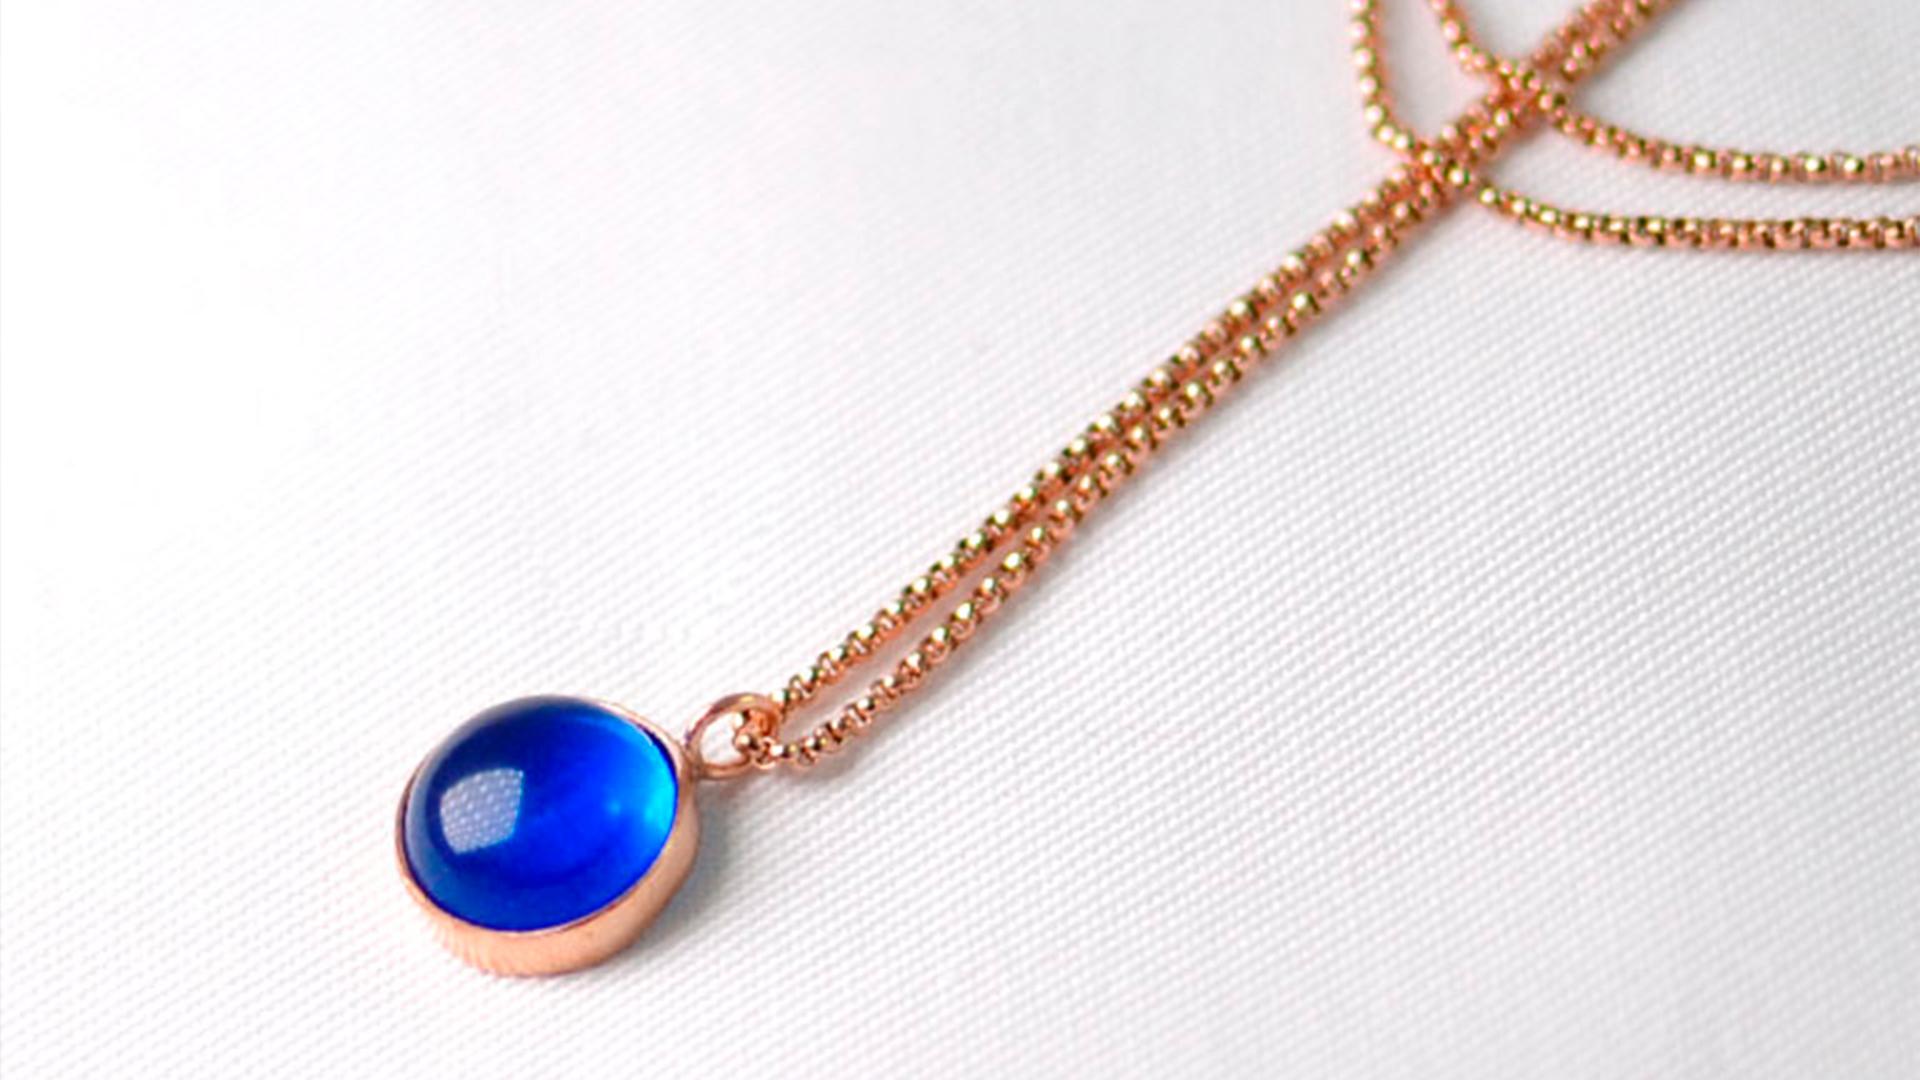 Χειροποίητο κολιέ με μπλε γυάλινη πέτρα, από ασήμι 925 σε ροζ χρυσή απόχρωση